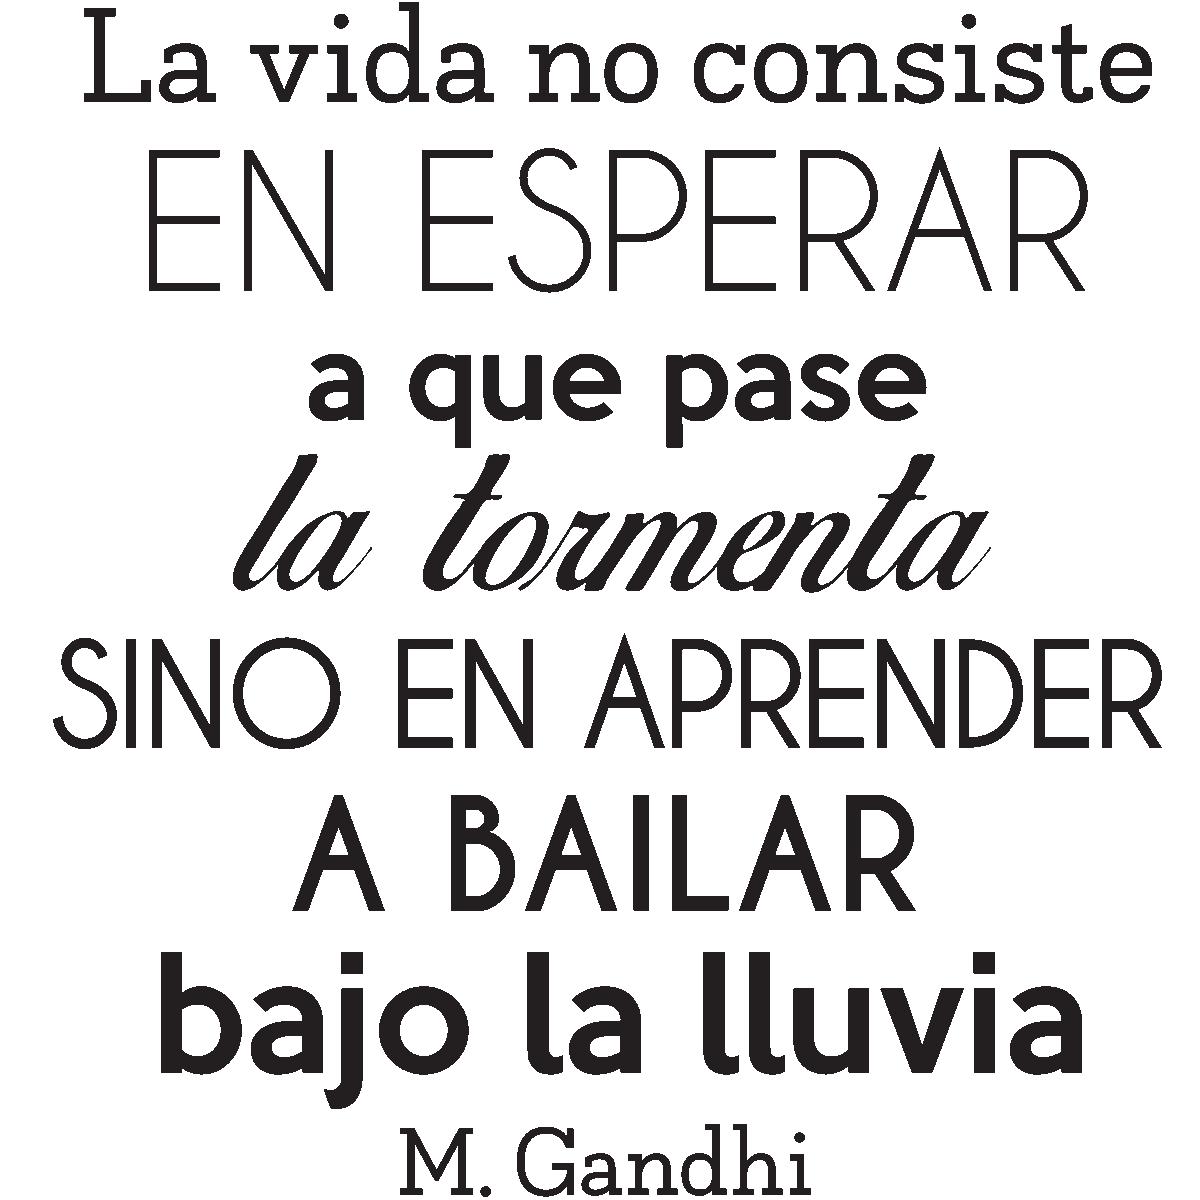 Sticker Citation La Vida No Consiste Gandhi